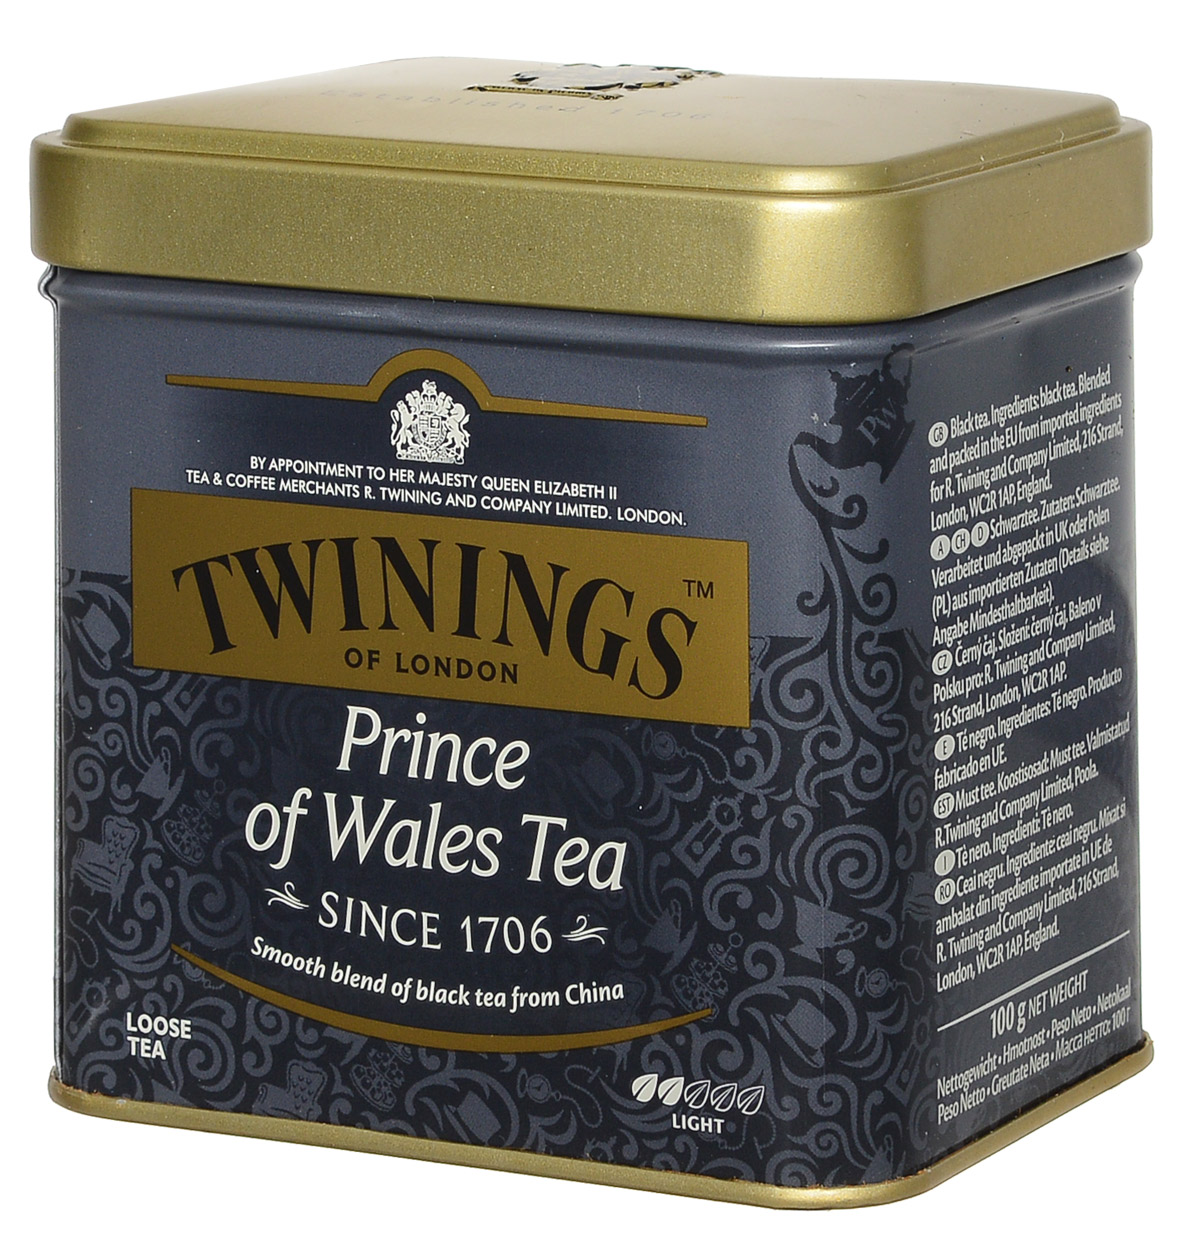 Twinings Prince Of Wales Tea черный листовой чай, 100 г (ж/б)TB 1707-900Чай Twinings Prince Of Wales Tea был специально создан для Его Королевского Высочества Принца Уэльского в 1921 году. Это специальная смесь чая, тщательно отобранного из провинции Цзянси, Аньхой и Юньнань в Китае, где на большой высоте горные туманы защищают чайный куст от чрезмерного солнечного света, образуя идеальные условия для чайного листа и развития почек. Чай из этих провинций создает ароматную смесь, красно-коричневого цвета и имеет легкий, мягкий вкус и слегка древесный оттенок. Идеально подходит для прохладного осеннего дня или холодного зимнего вечера. Этот мягкий чай наполнит вас чувством обновления.